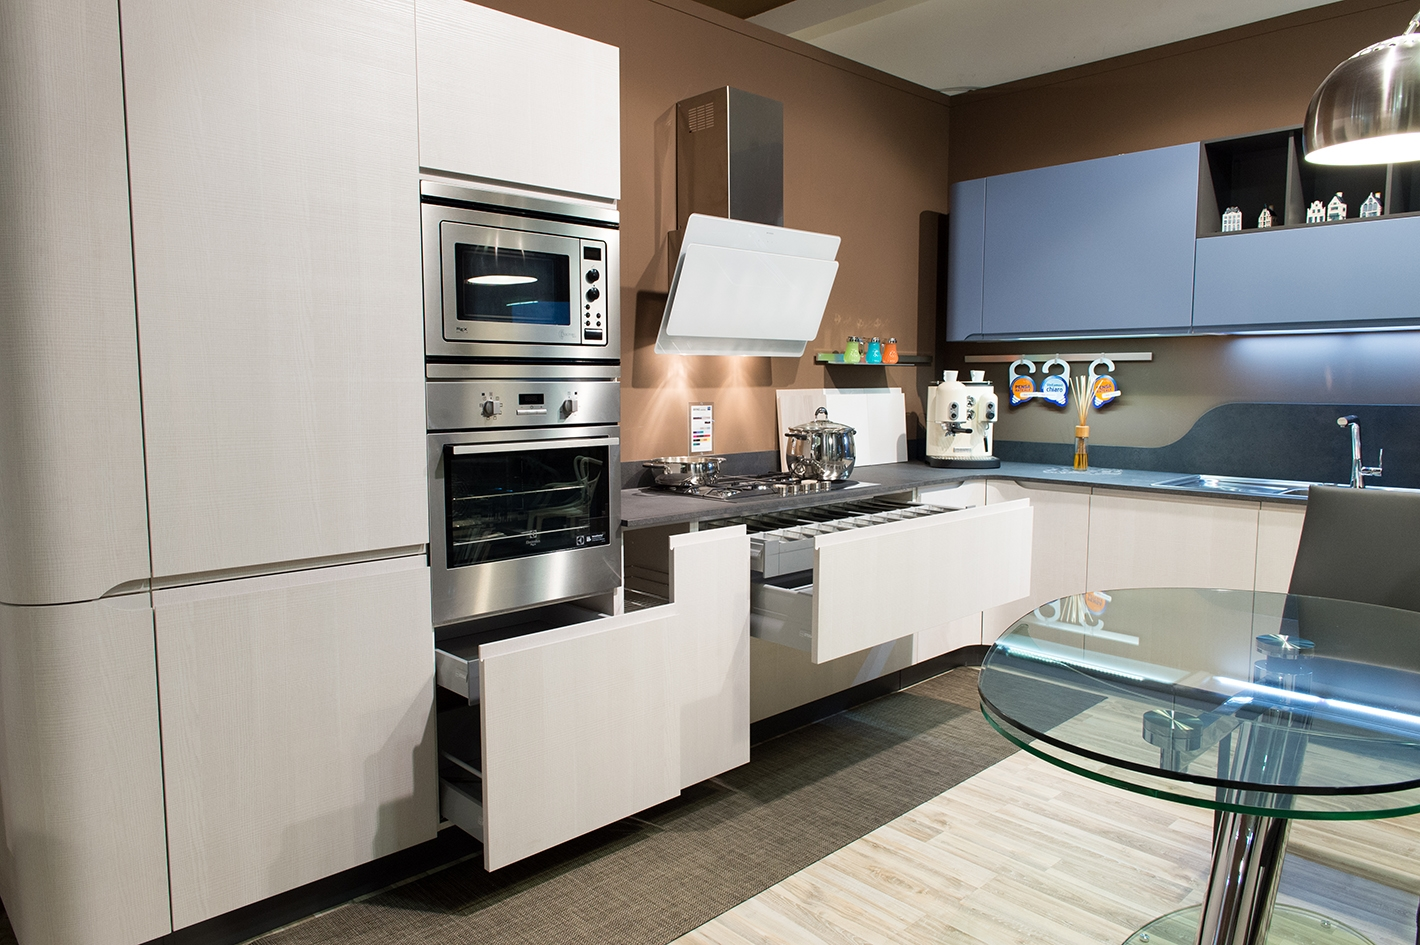 Cucina stosa mod bring completa di elettrodomestici for Cucine stosa